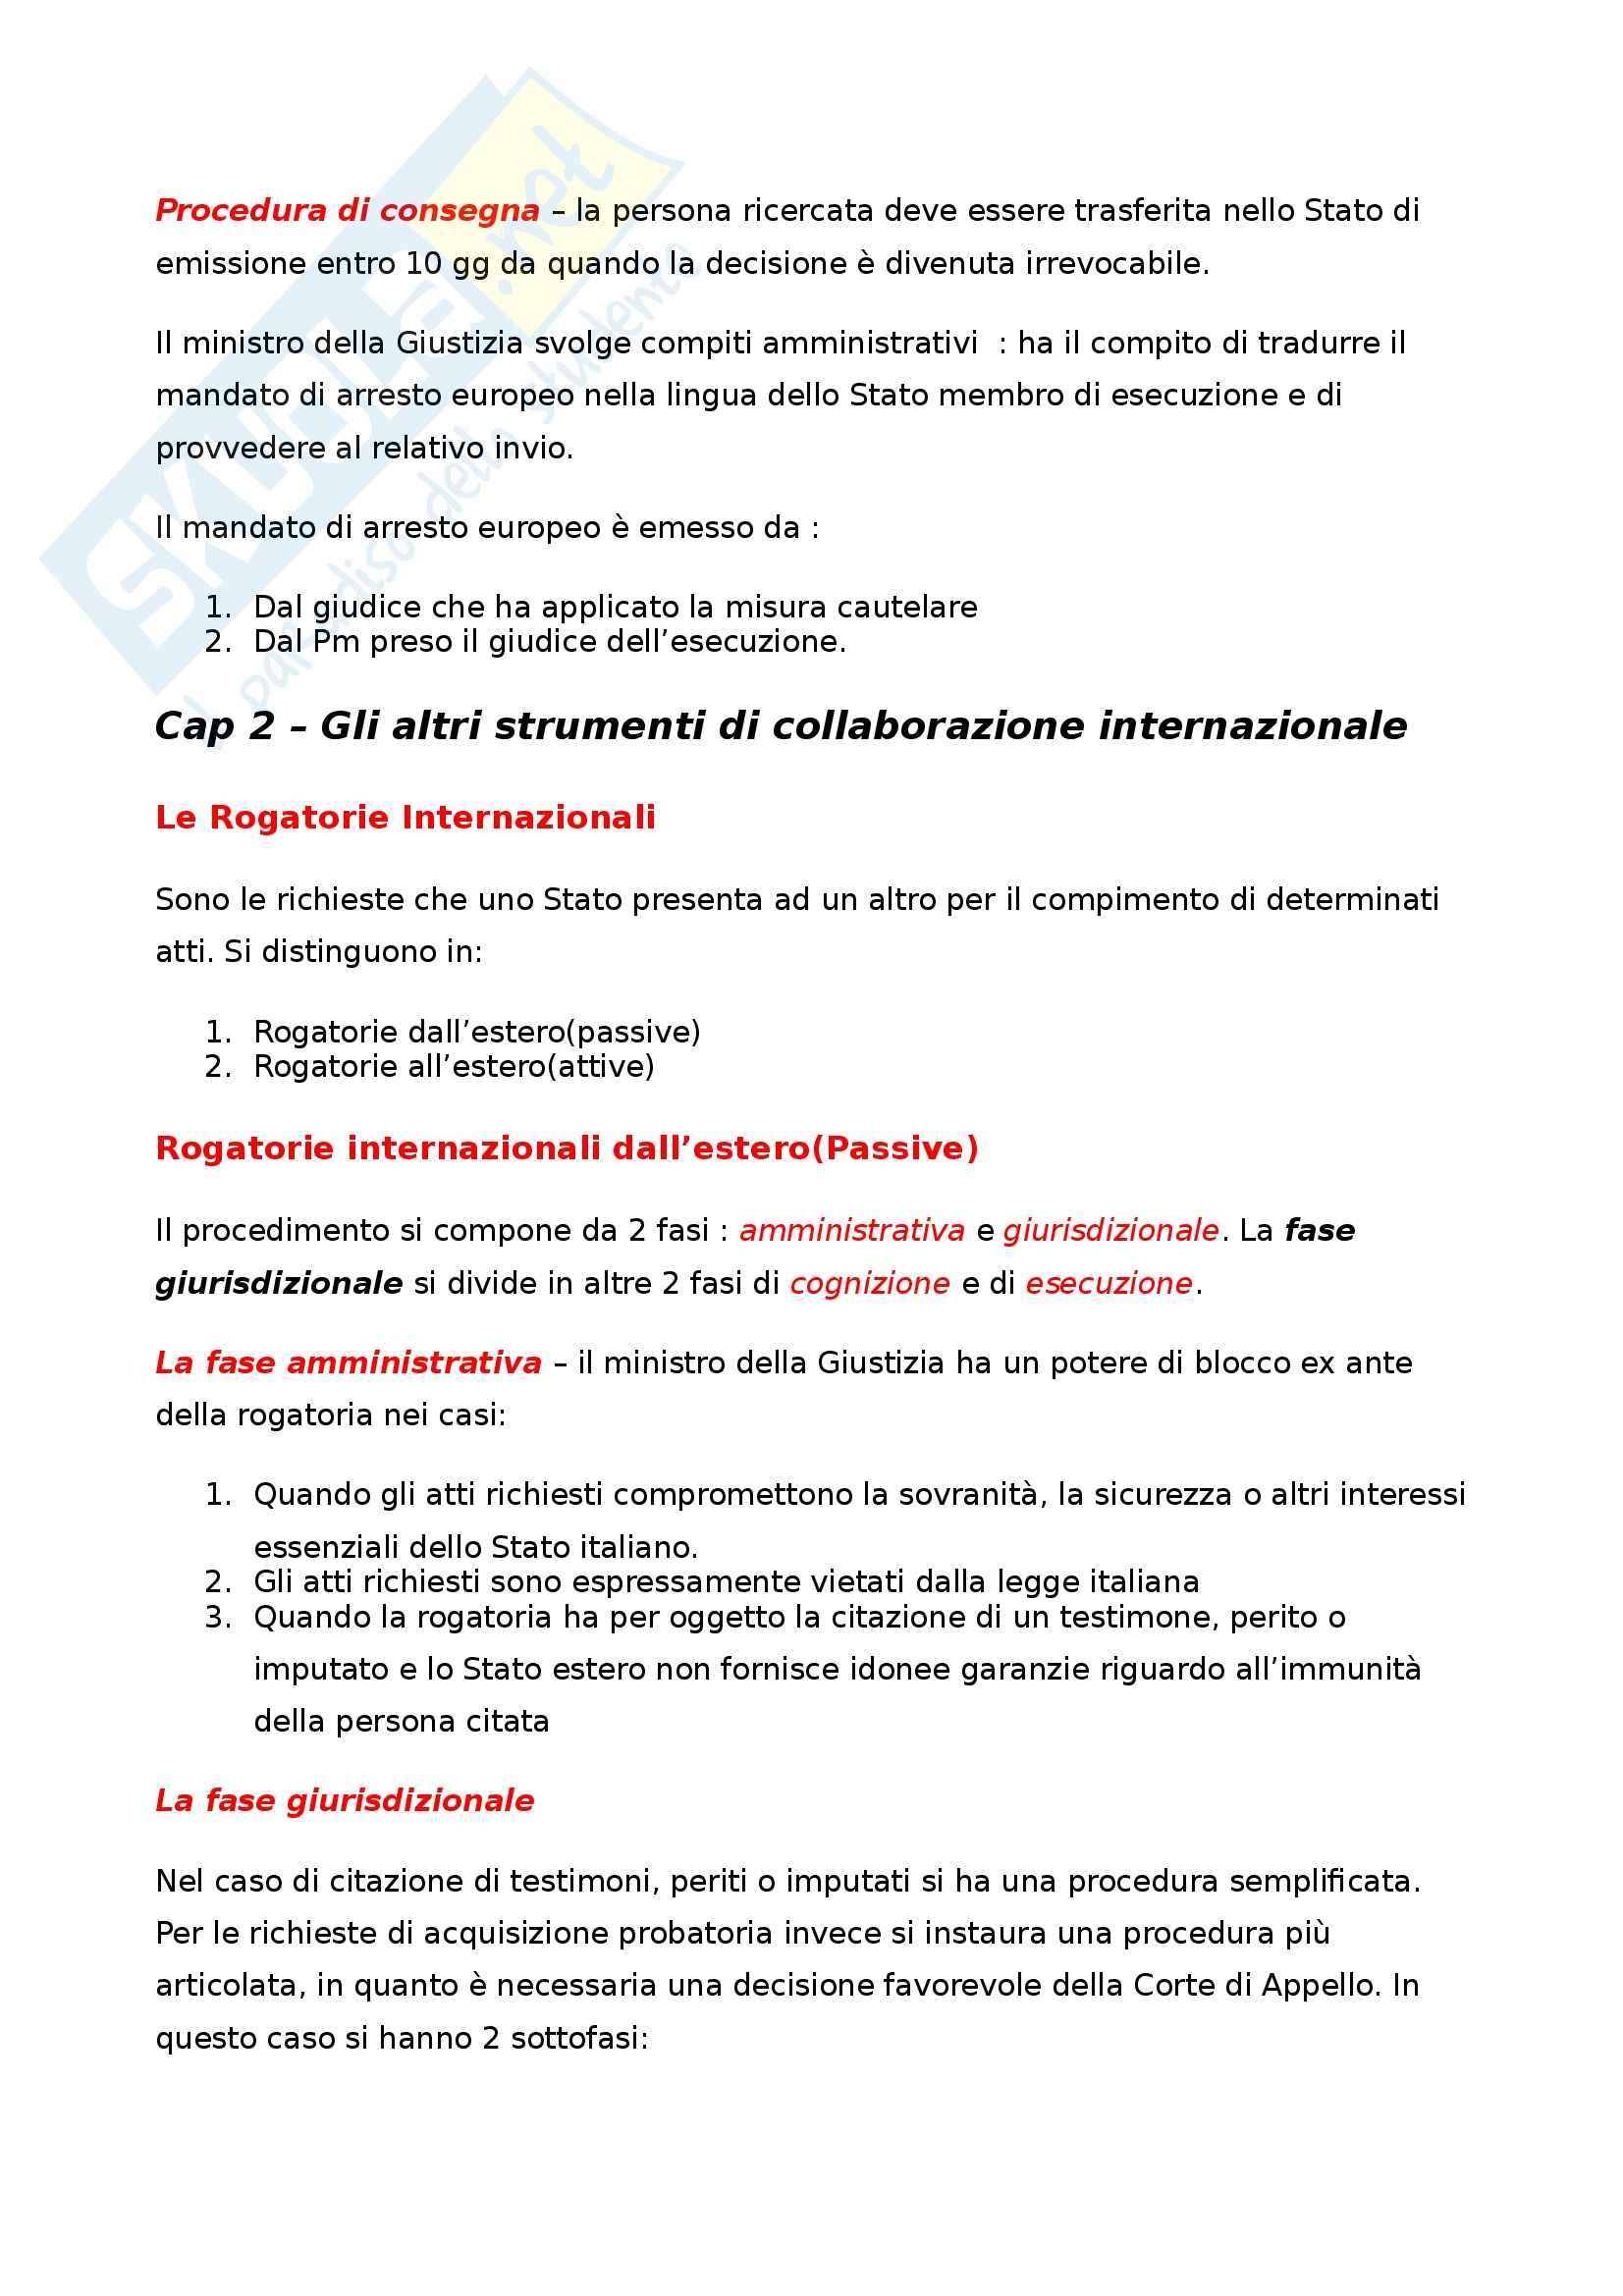 Riassunto esame Codice di Procedura Penale, libro adottato Codice di Procedura Penale, Tonini Pag. 96